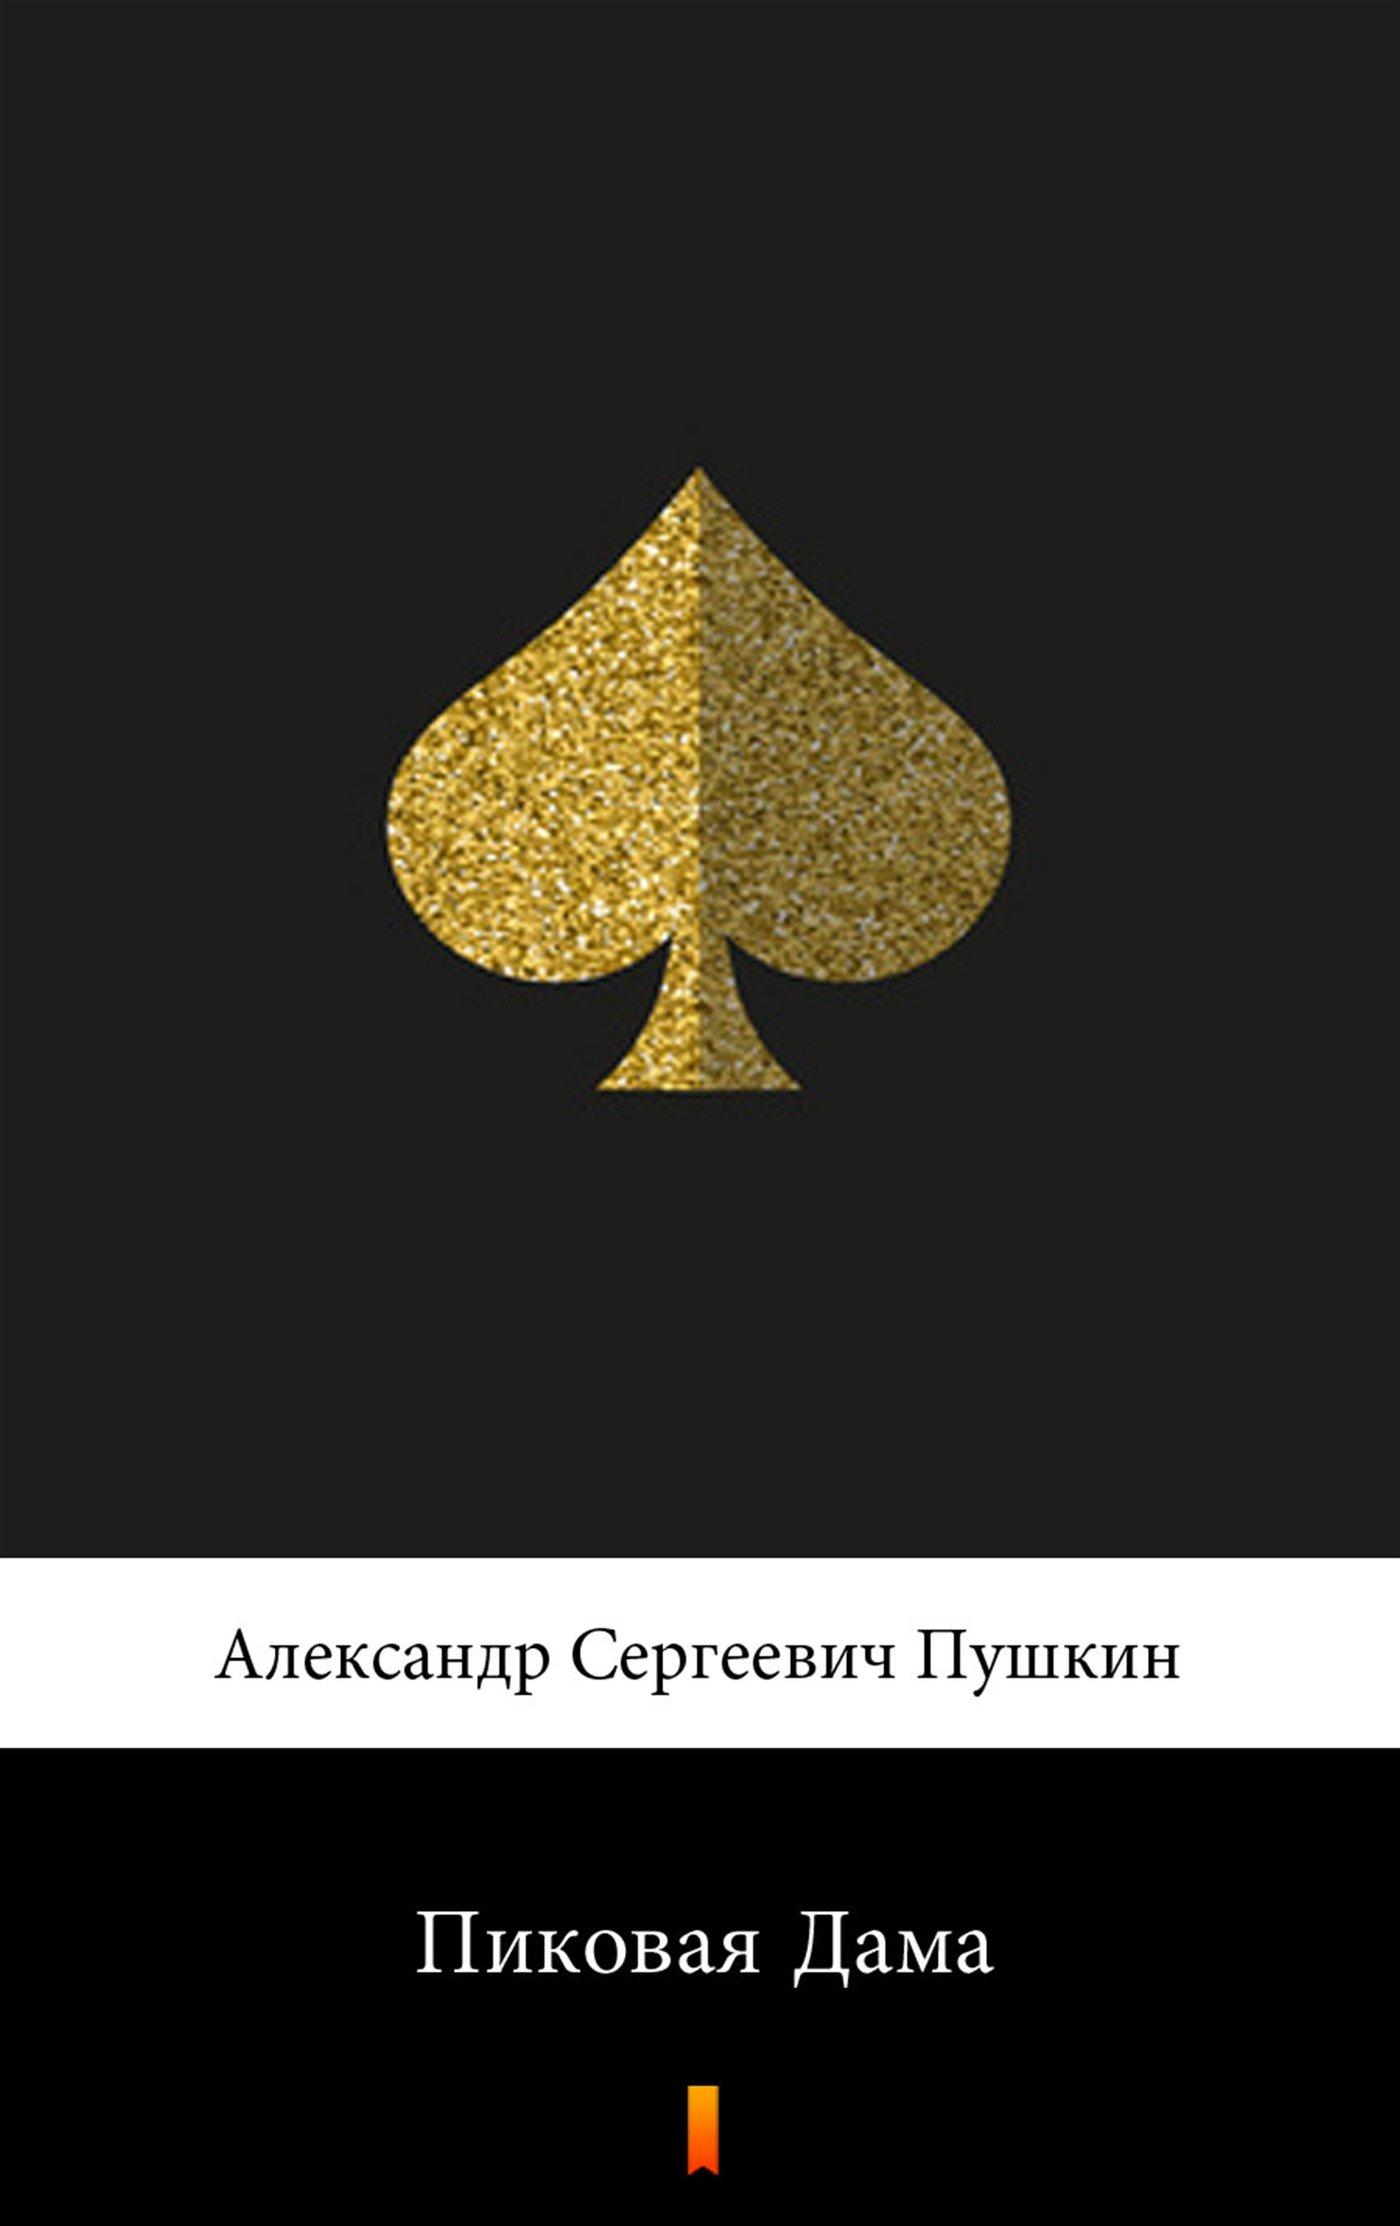 Пиковая Дама - Ebook (Książka na Kindle) do pobrania w formacie MOBI